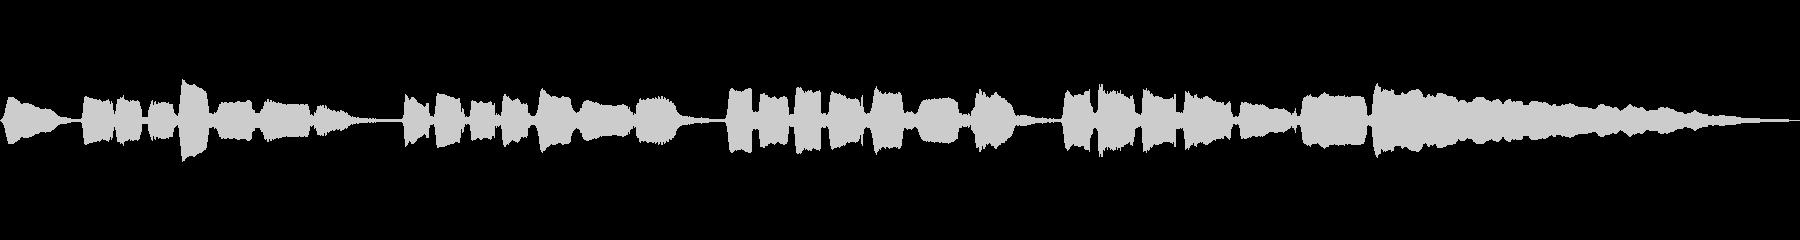 サックスのソロ演奏 切ないメロの未再生の波形